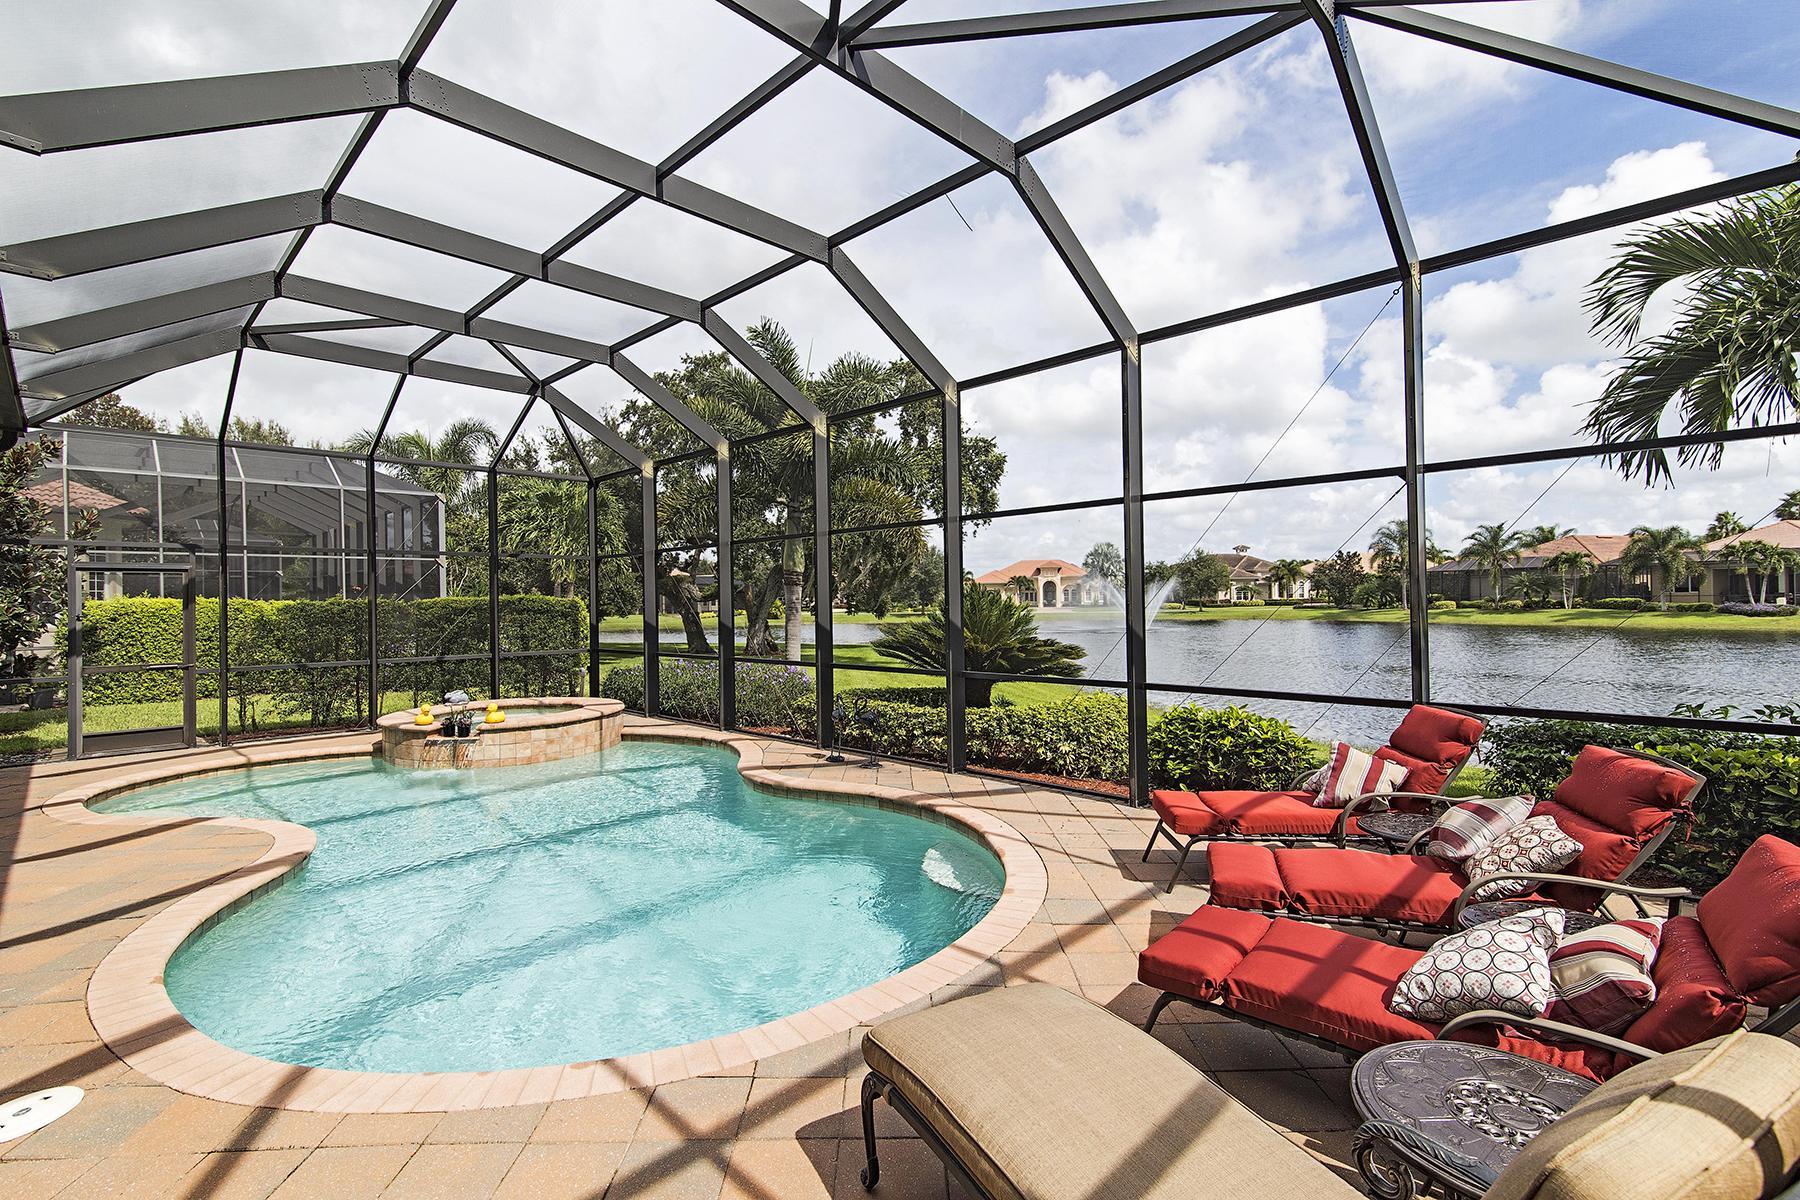 Villa per Vendita alle ore 5910 Hammock Isles Cir , Naples, FL 34119 5910 Hammock Isles Cir Naples, Florida 34119 Stati Uniti